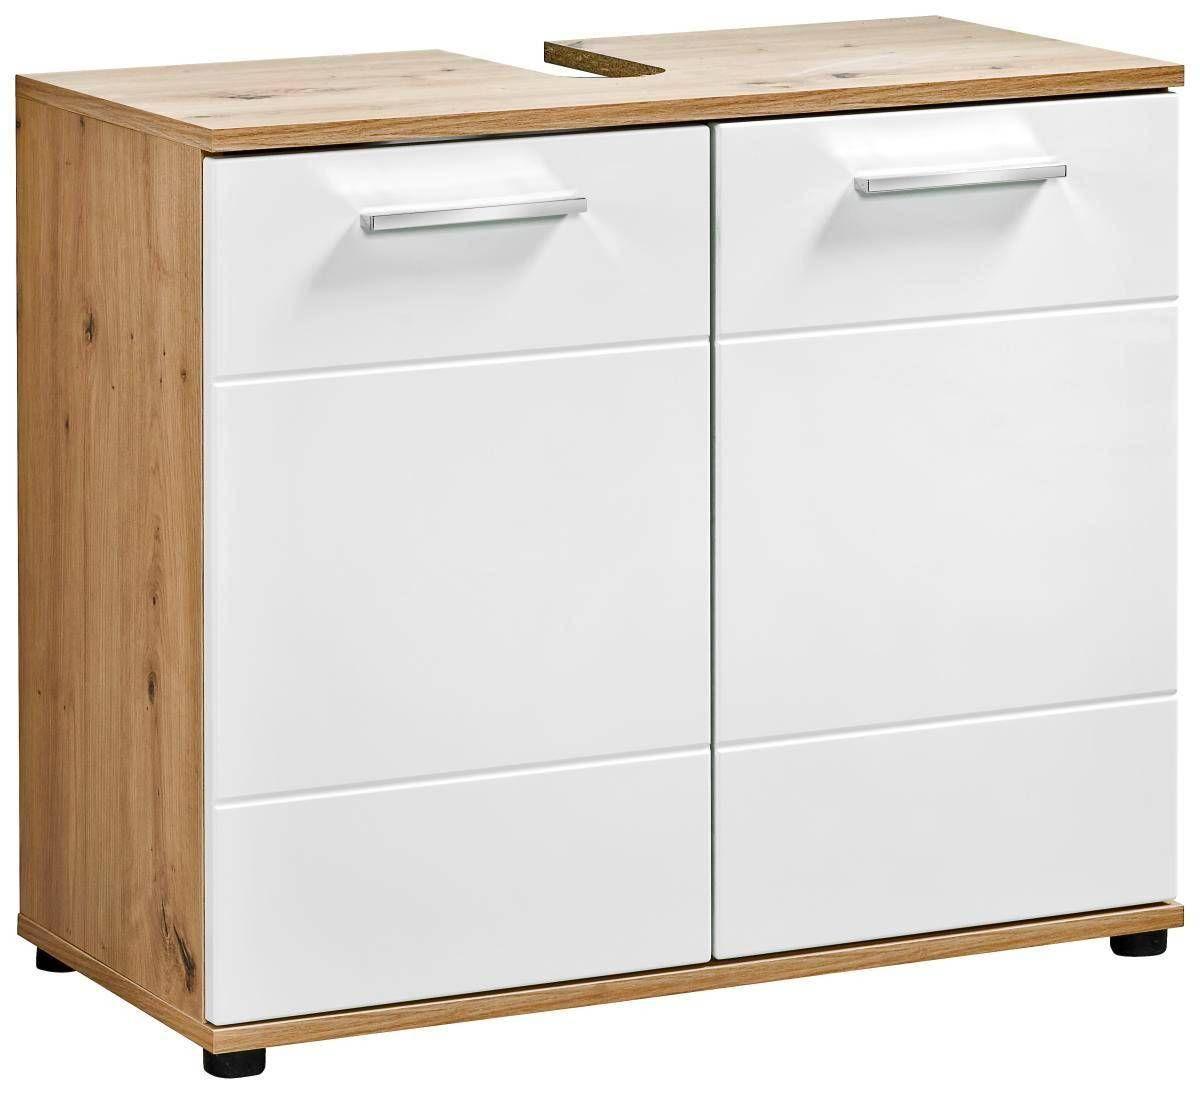 Waschbeckenunterschrank Bergen Online Bei Poco Kaufen In 2020 Waschbeckenunterschrank Schrank Putzutensilien